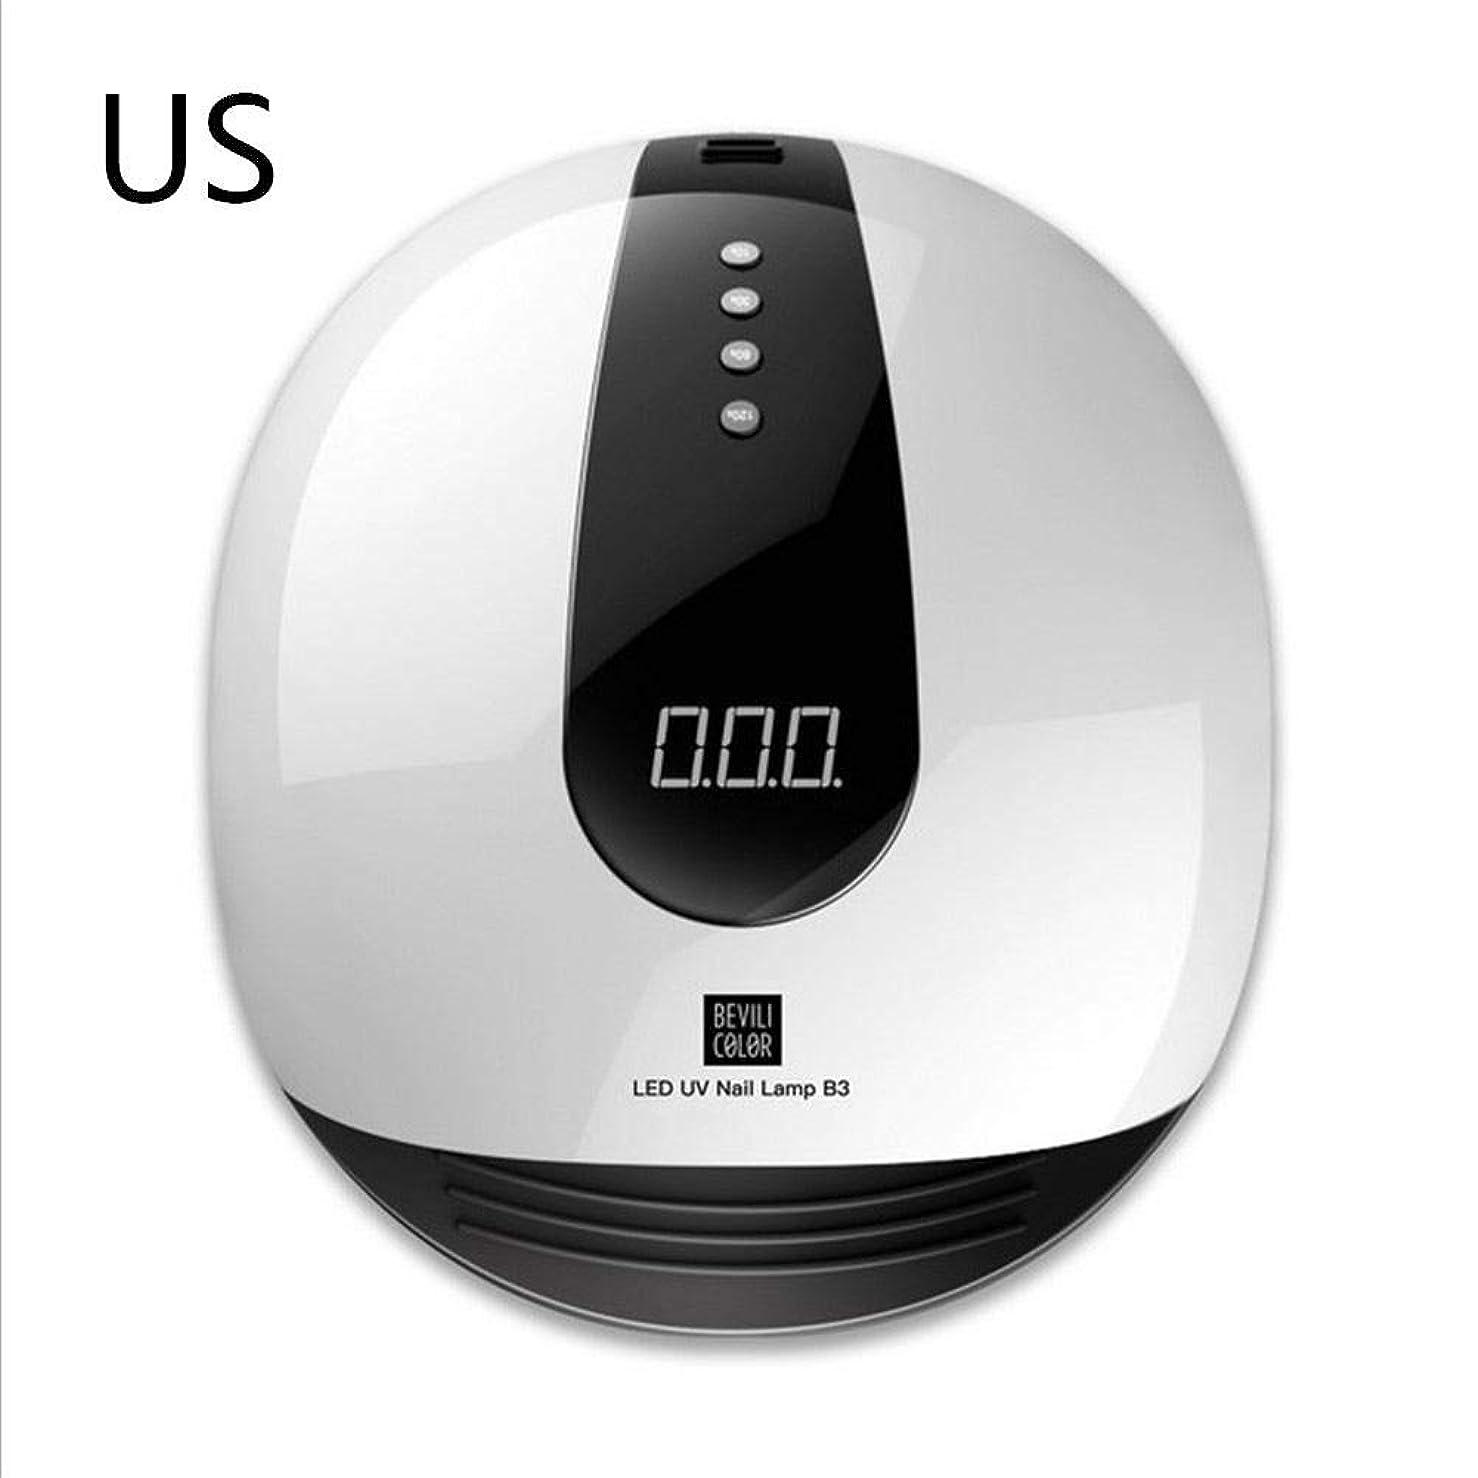 戻る靴無能SAILUN ネイルドライヤー ネイルセンサーライト LEDUVランプ ネイル塗装 LED UVジェル/ジェネレーター/LEDジェルの乾燥に適用 80W4タイマー設定 動的赤外線センサーシステム 操作が簡単 低発熱量 二重光源(365 + 405nm)